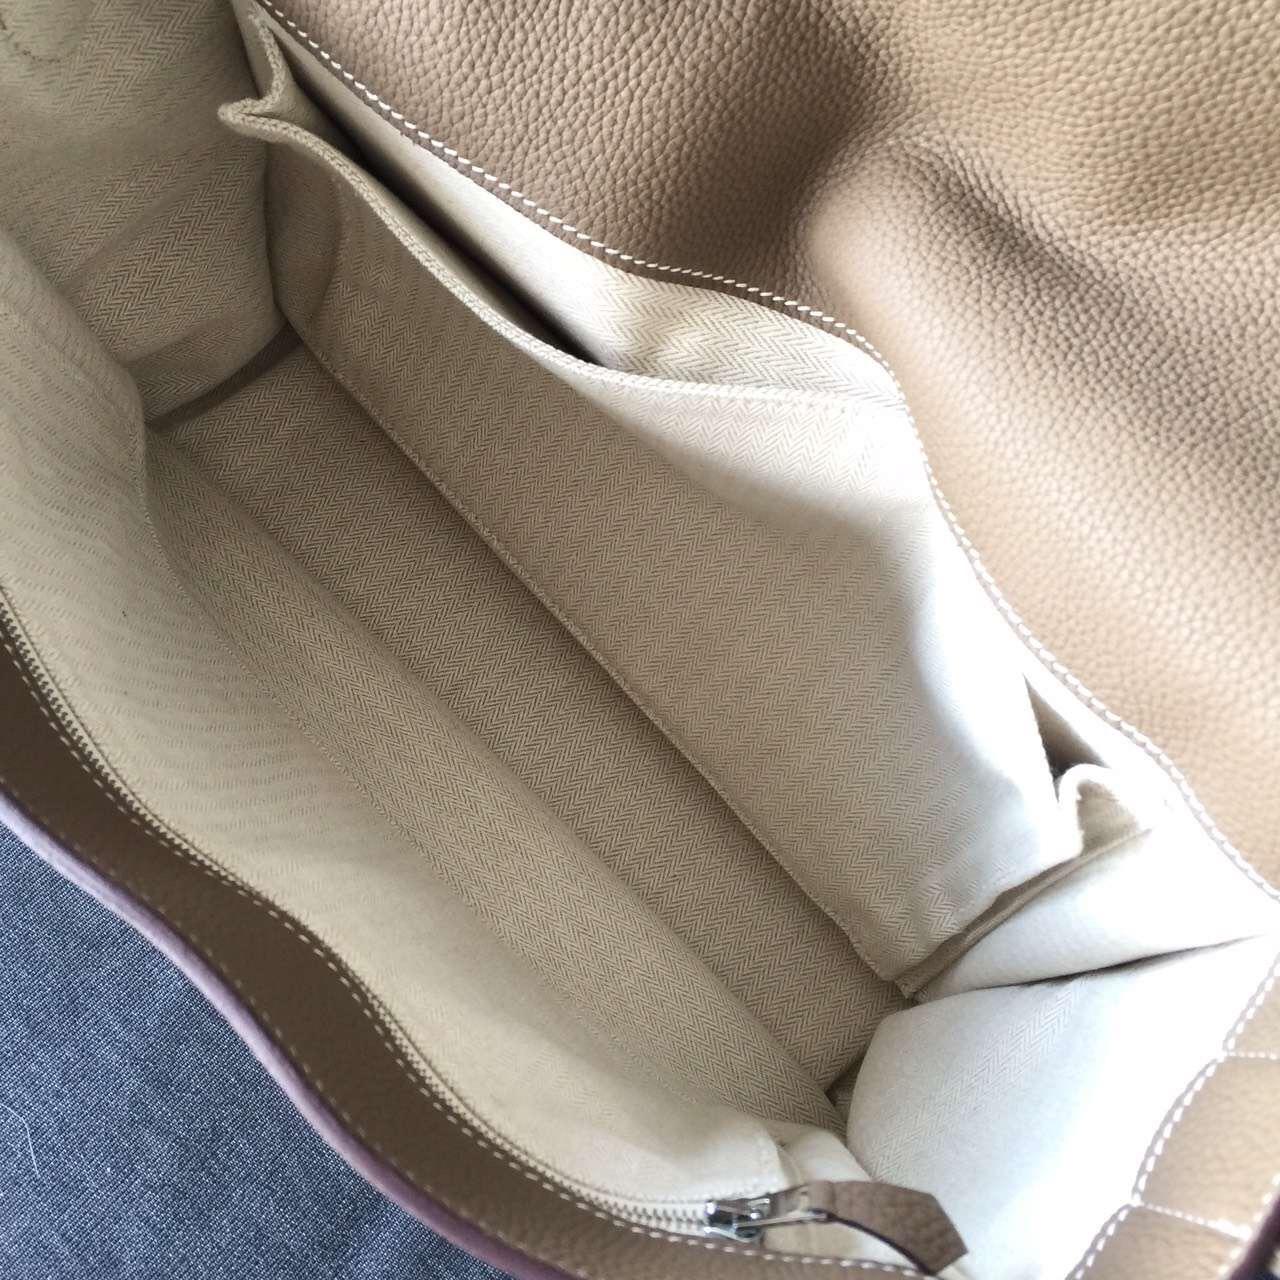 handbag with h on it - Hermes Steve Messenger Bag Etoupe CK18 Leather Handstitched Silver ...